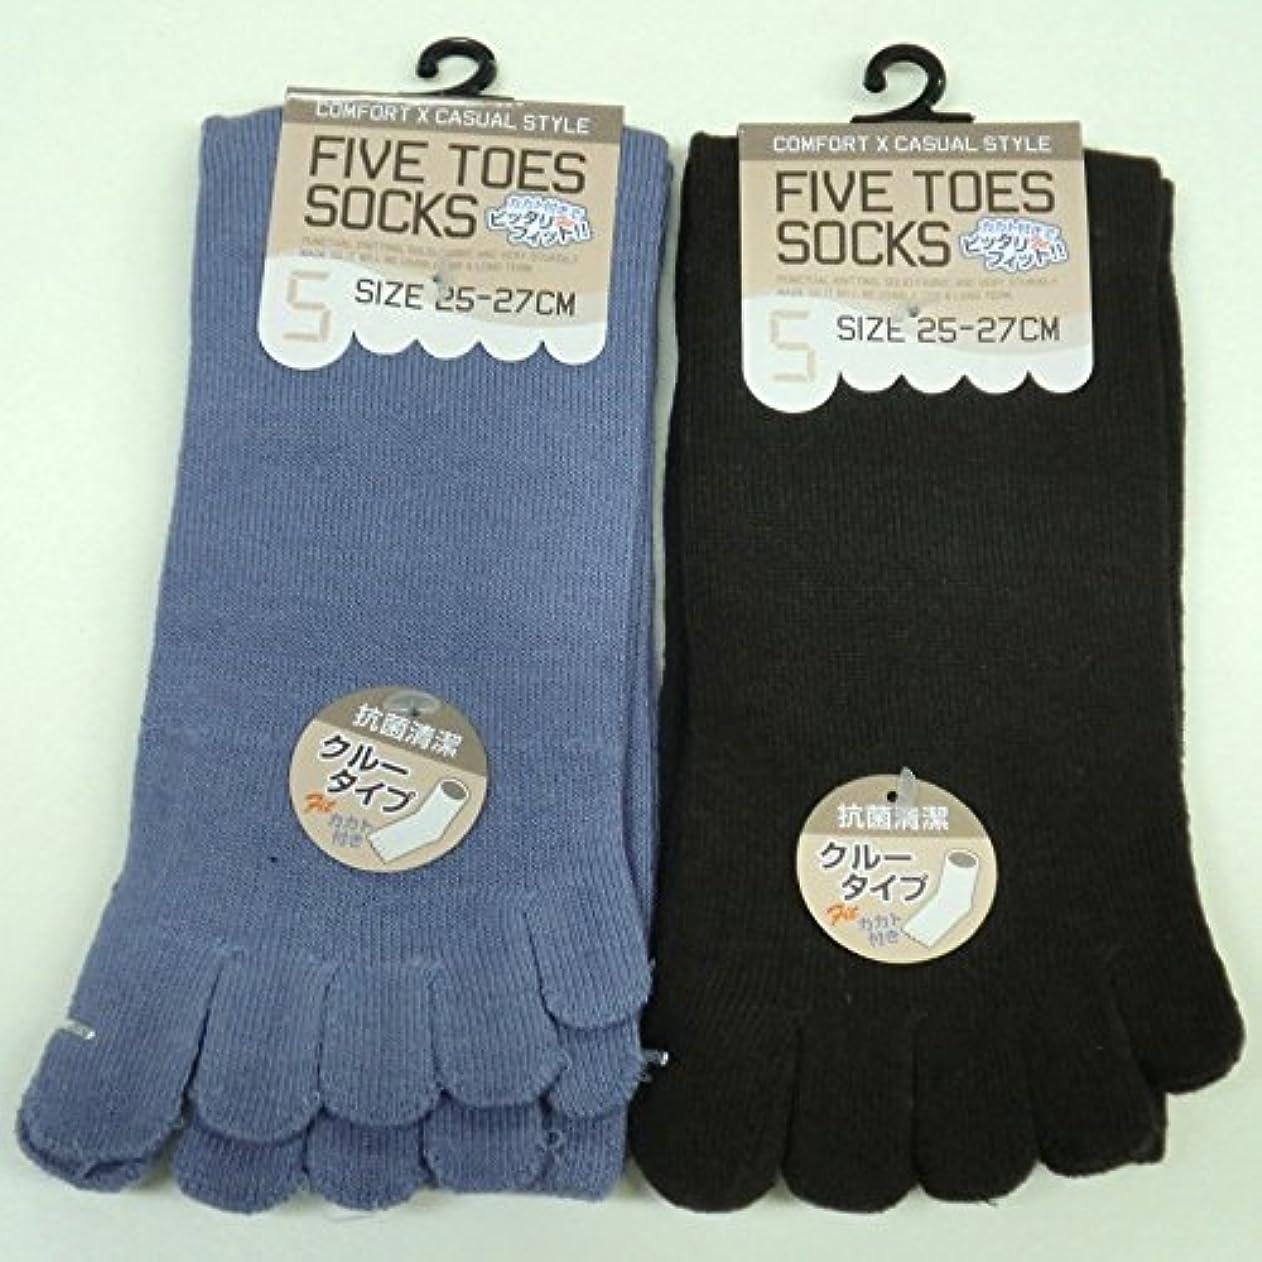 持続する効果的名前で5本指ソックス メンズ 綿混 蒸れない快適 5本指靴下 かかと付 25-27cm 5足組(色はお任せ)